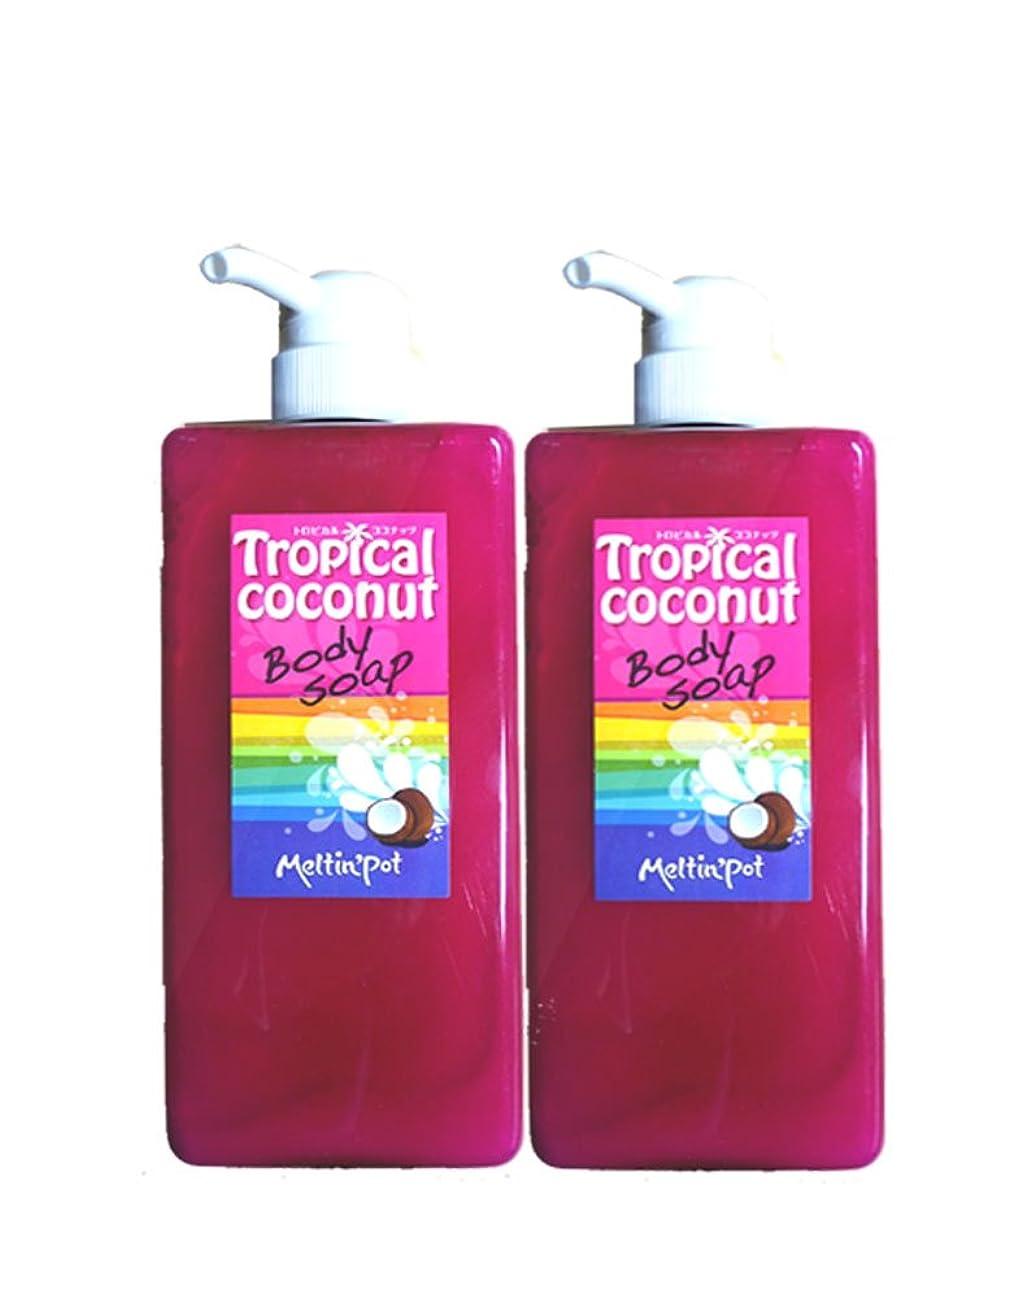 警告するペリスコープグッゲンハイム美術館トロピカルココナッツ ボディソープ 600ml*2セット Tropical coconut Body Soap 加齢臭に!